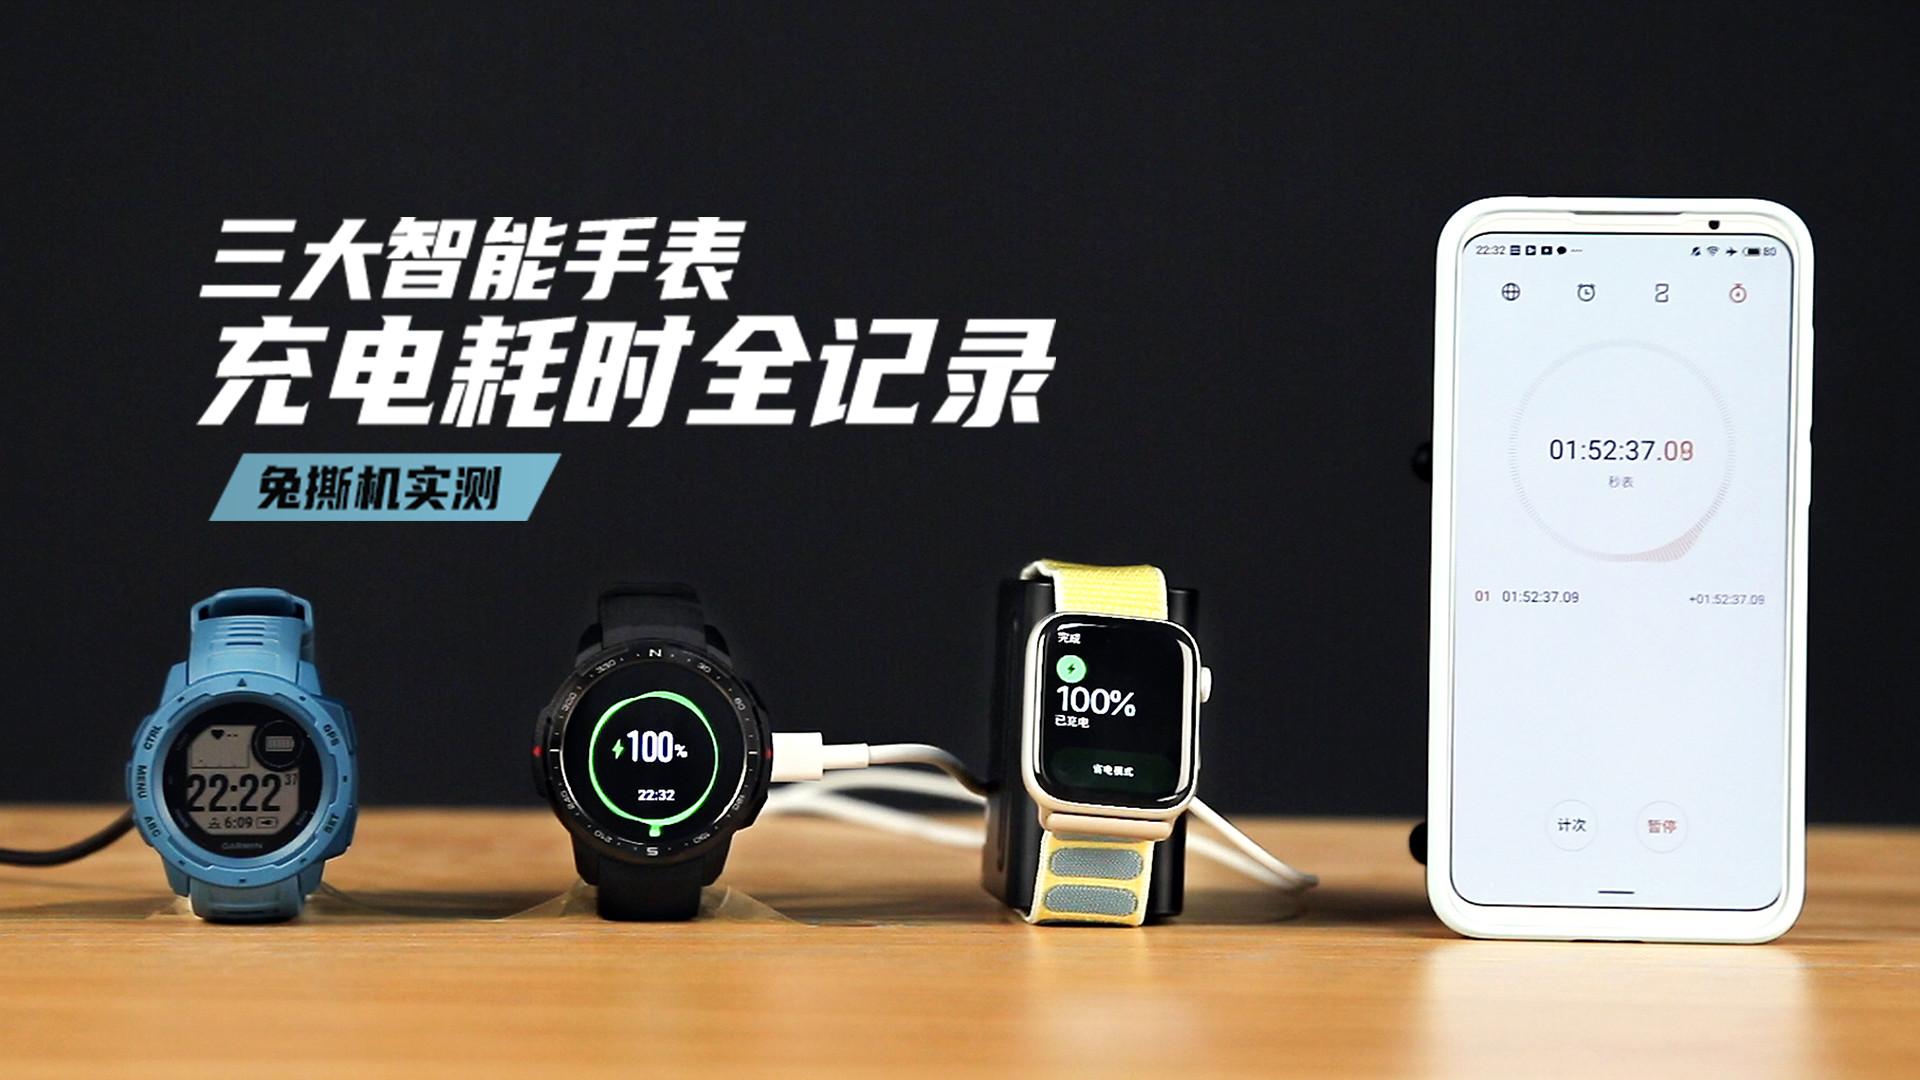 兔撕机实测: AppleWatch 等三大智能手表充电耗时全记录